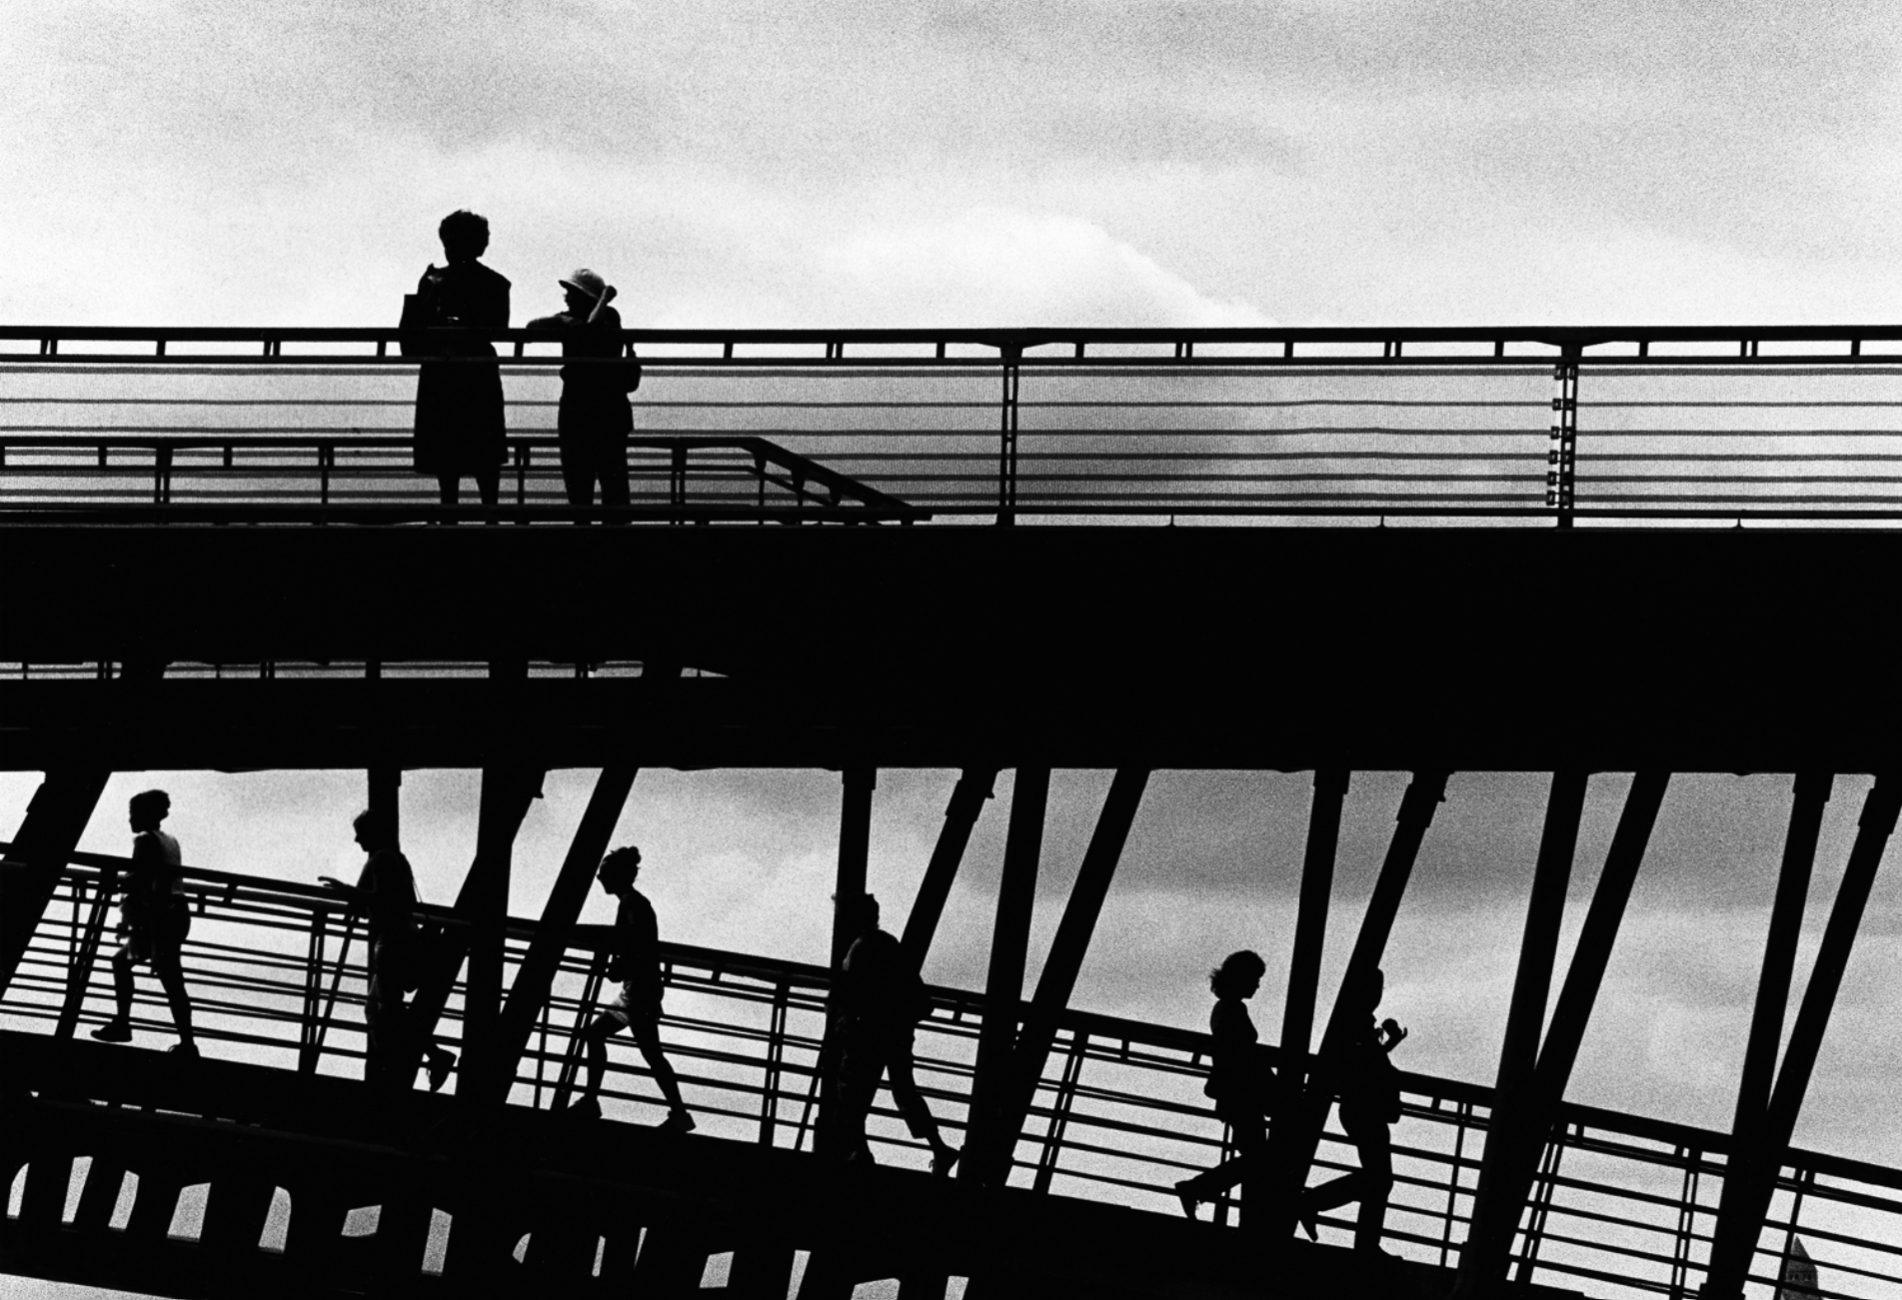 Paris (People on Bridges)